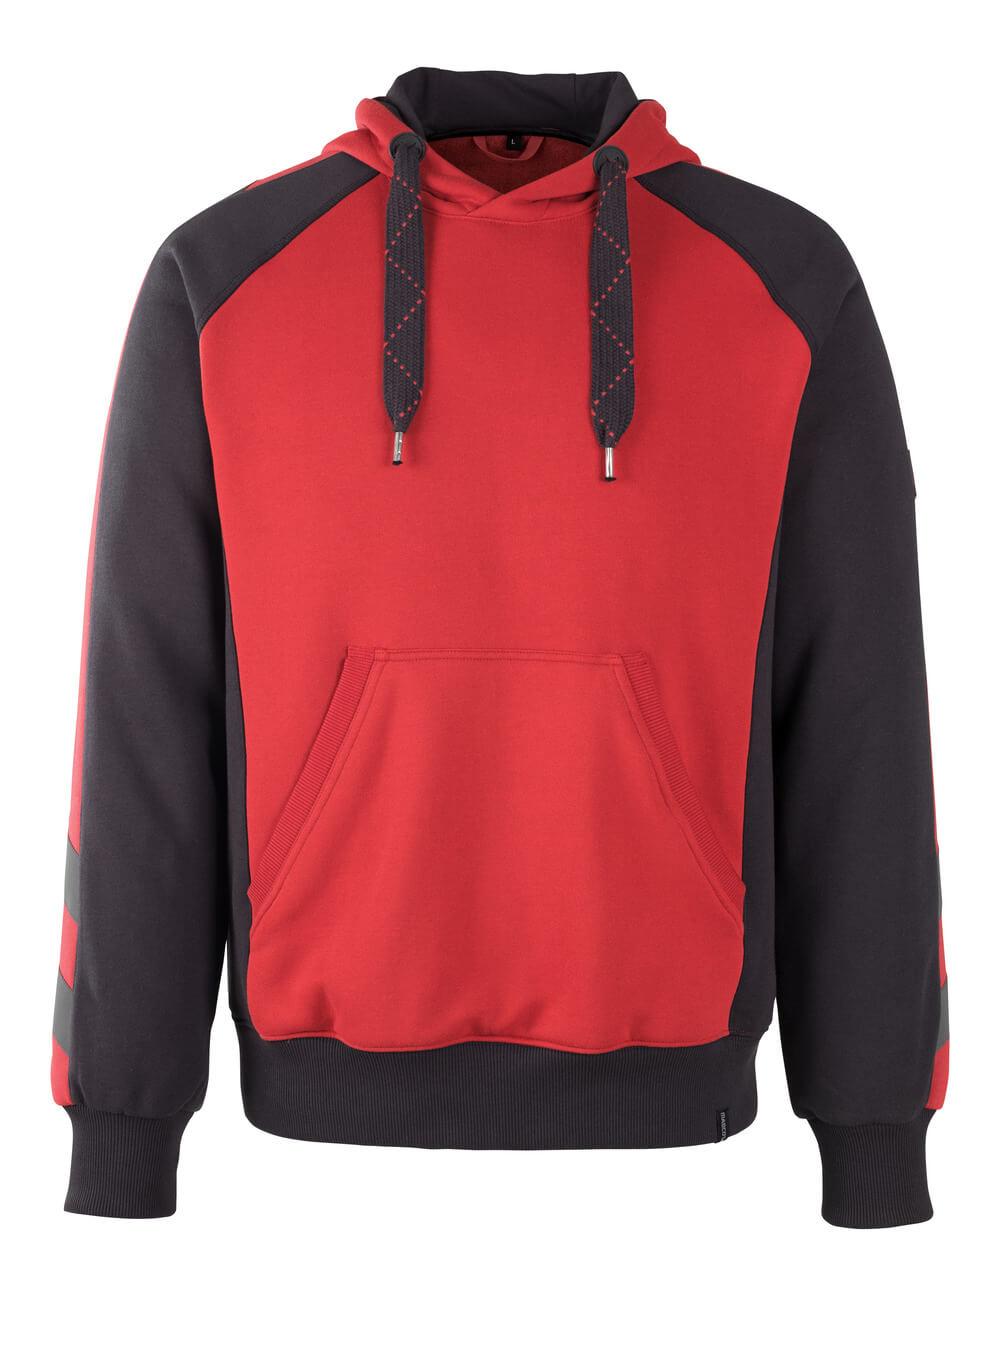 50508-811-0209 Hoodie - red/black